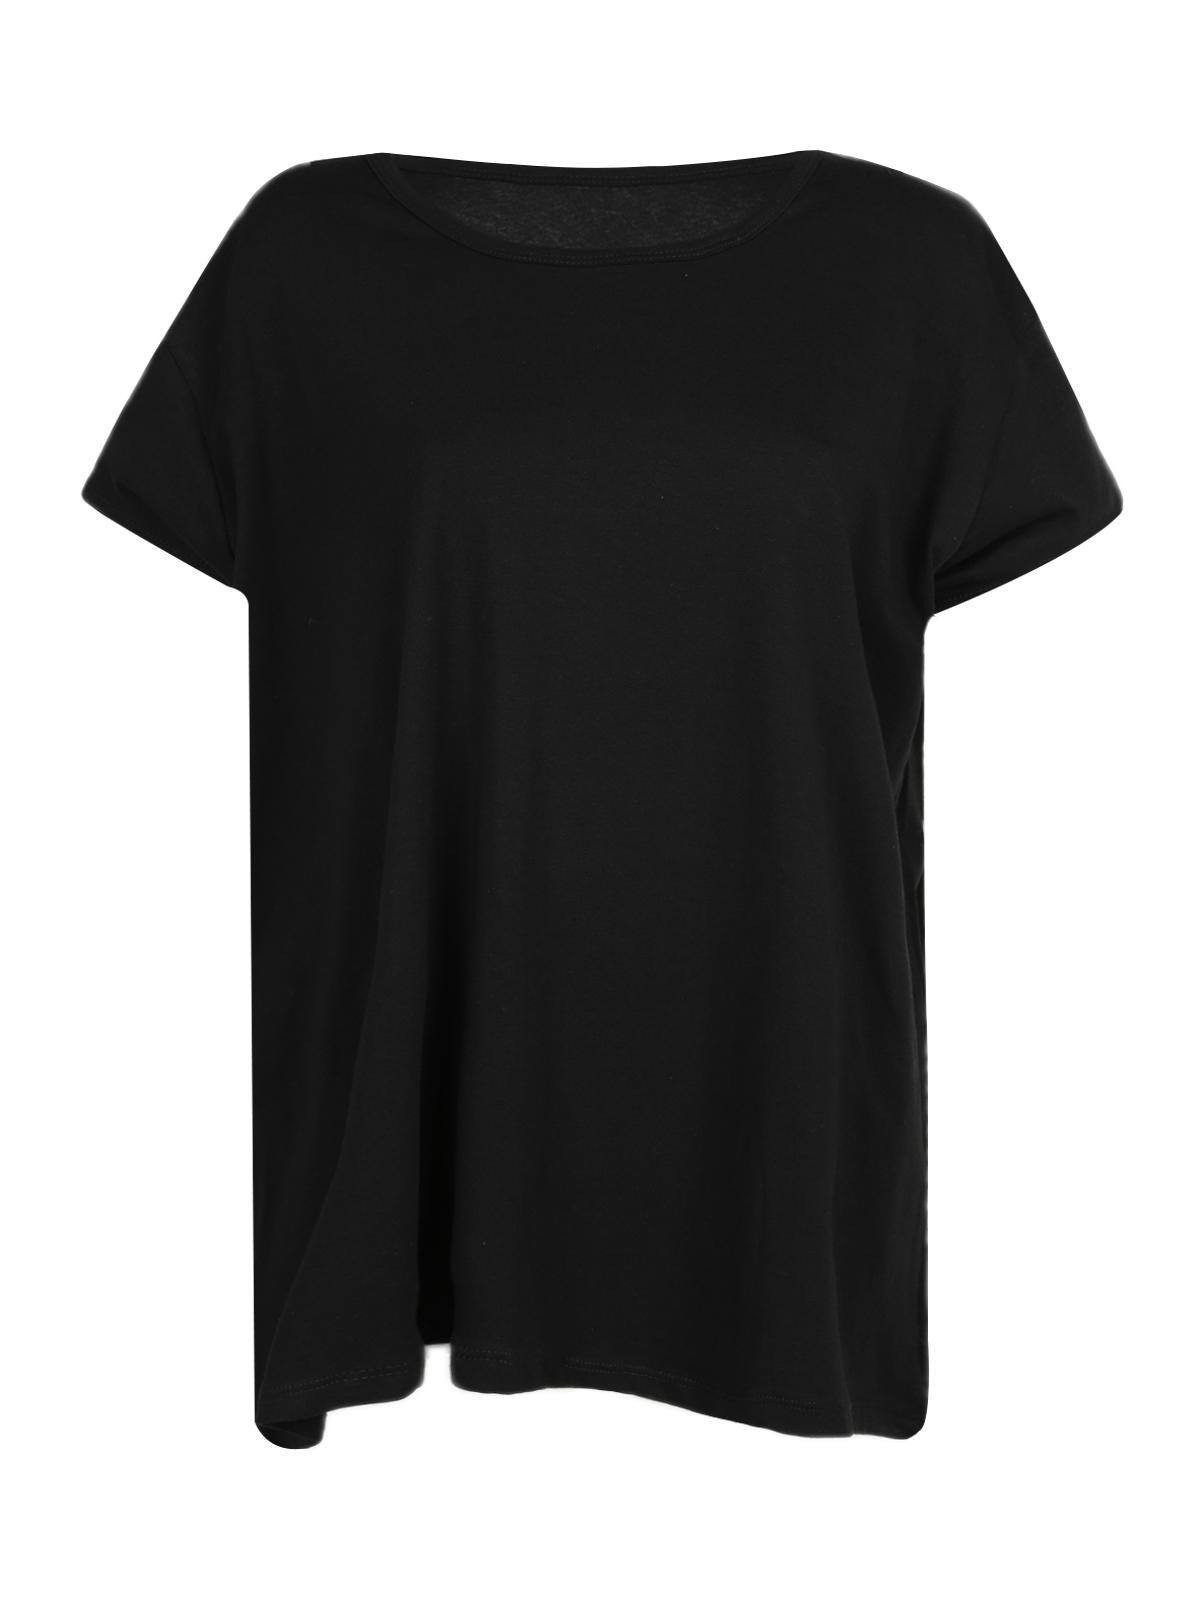 una grande varietà di modelli vendita più calda aliexpress T-shirt nera in cotone - taglie comode solada | MecShopping